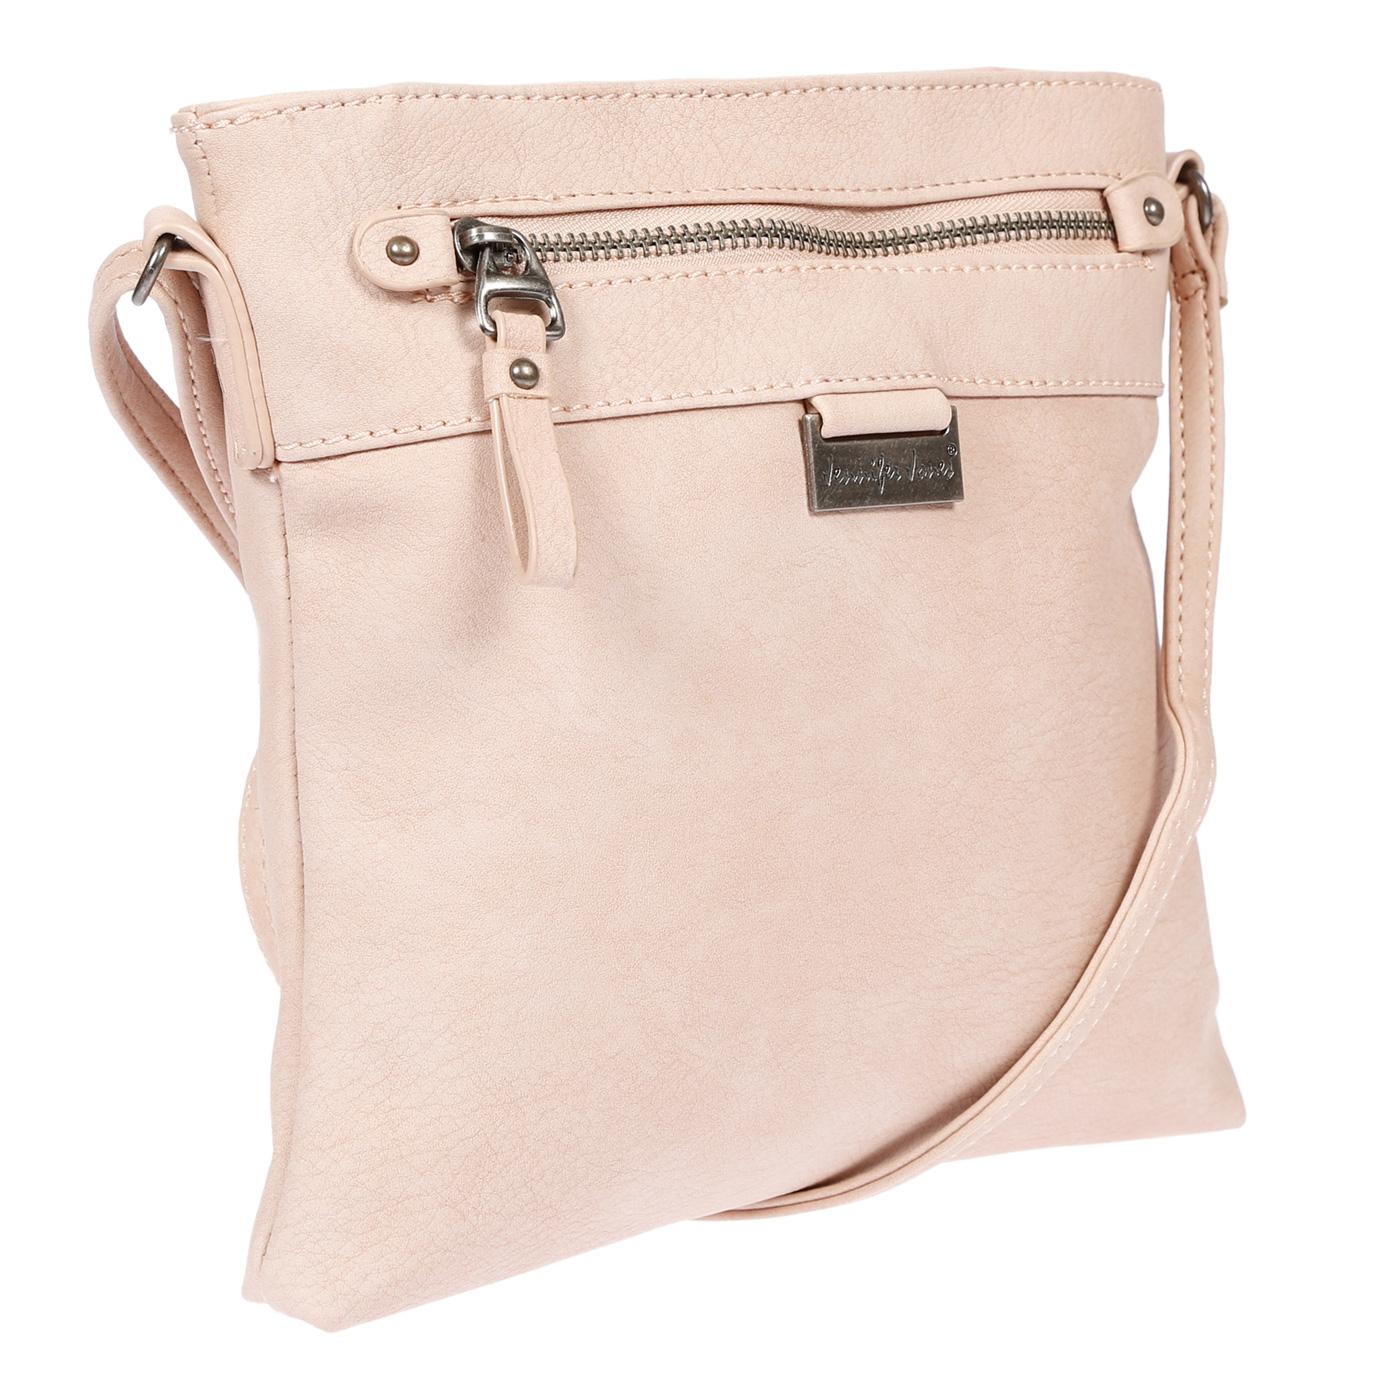 Damen-Handtasche-Umhaengetasche-Schultertasche-Tasche-Leder-Optik-Schwarz-Weiss Indexbild 24